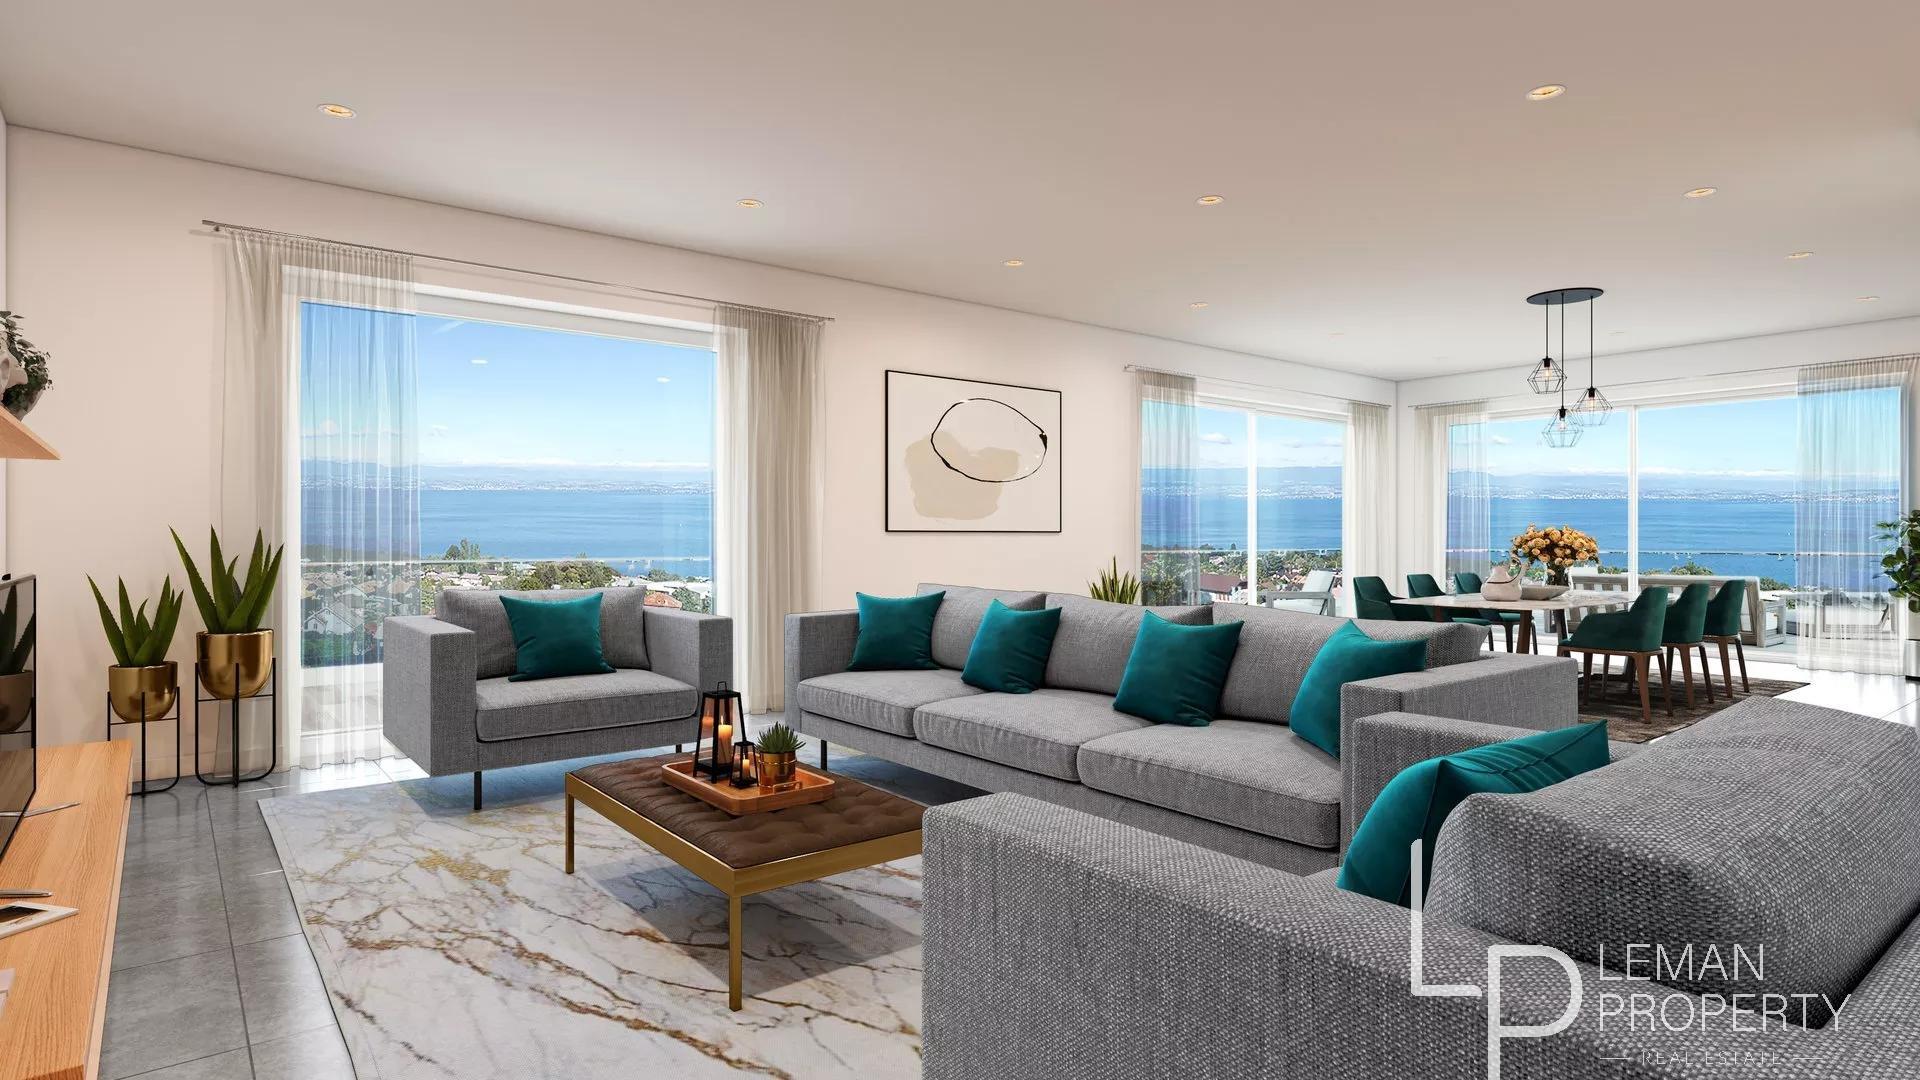 Vente de appartement à Évian-les-Bains au prix de 401700€